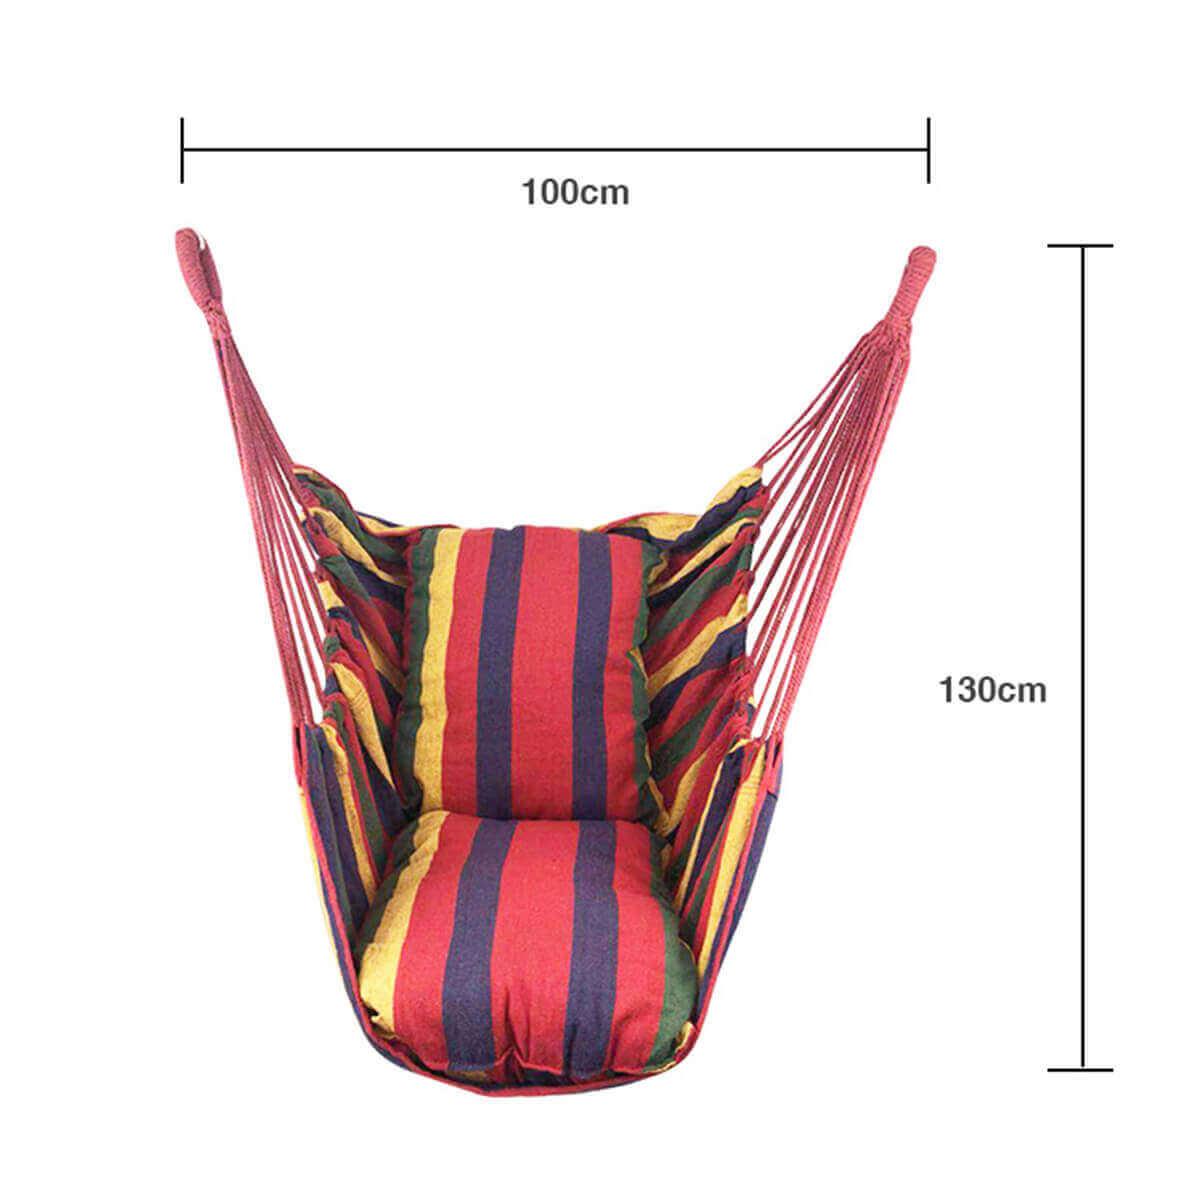 Silla Colgante Tela de ALGODÓN Colores, sin plástico, ecológica, sostenible, suave, cómoda, medidas para colgar